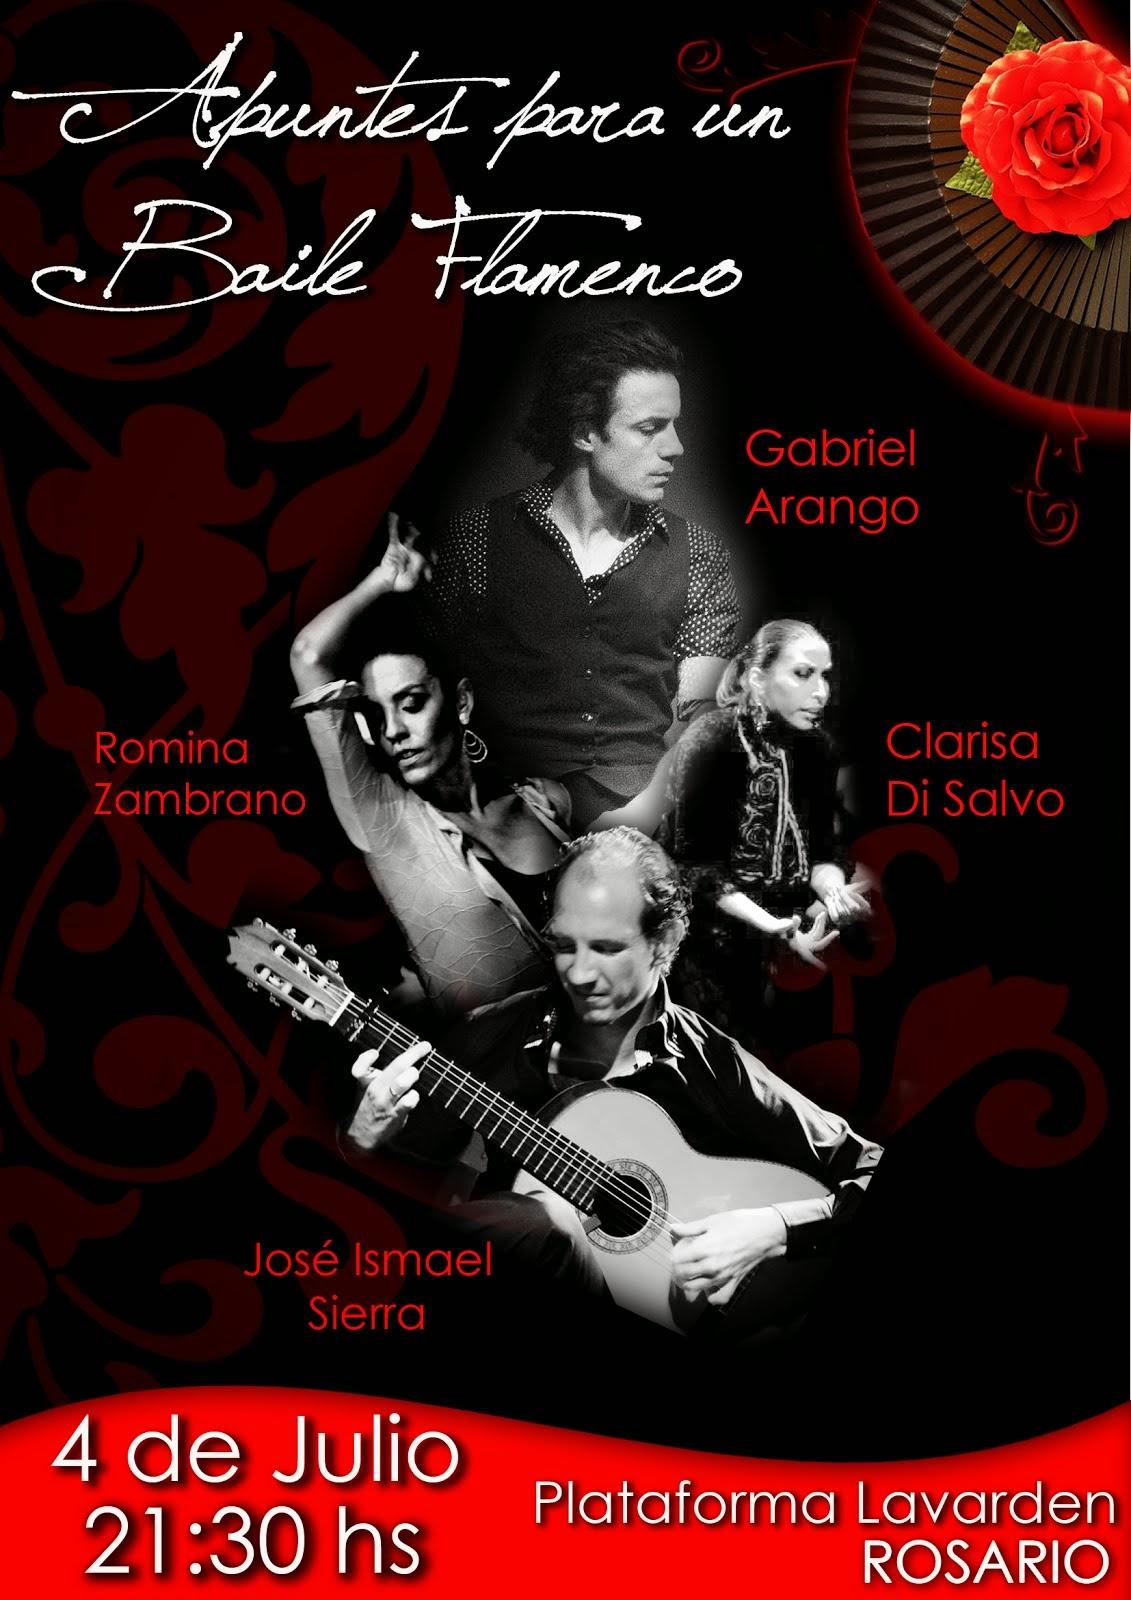 show en Rosario